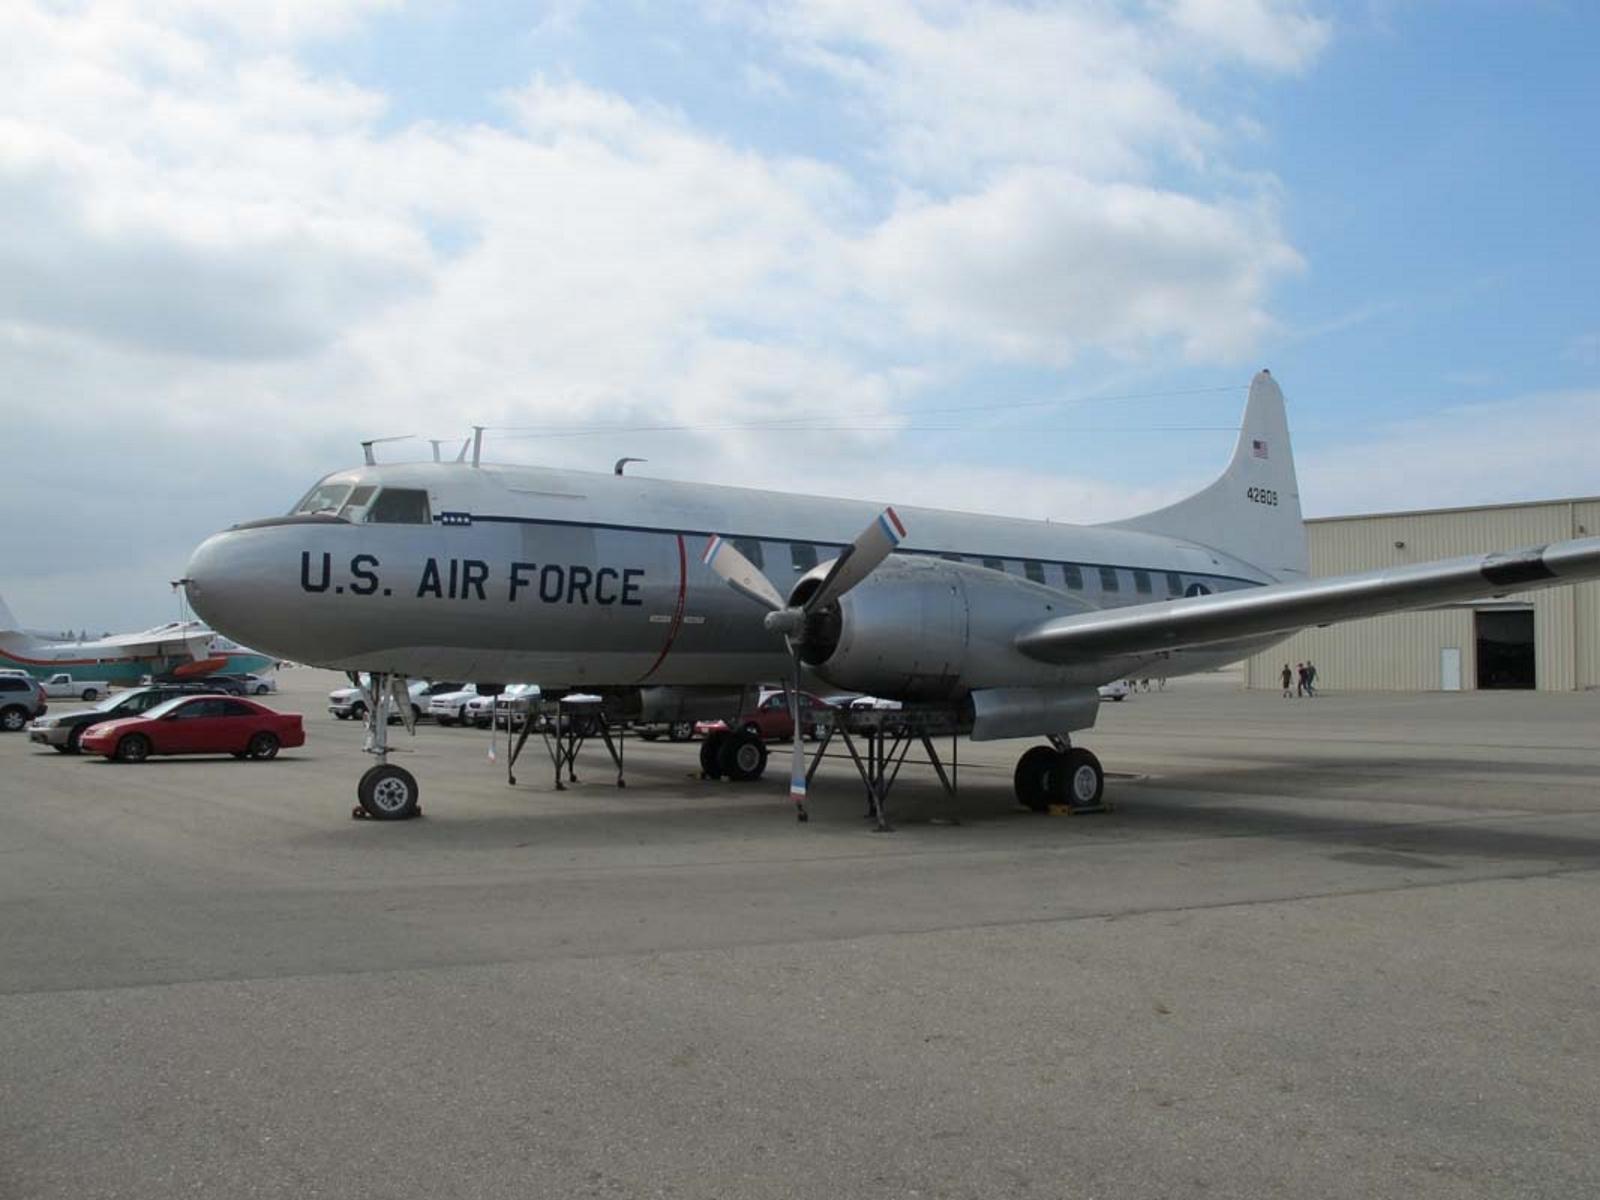 Convair C-131D Samaritano